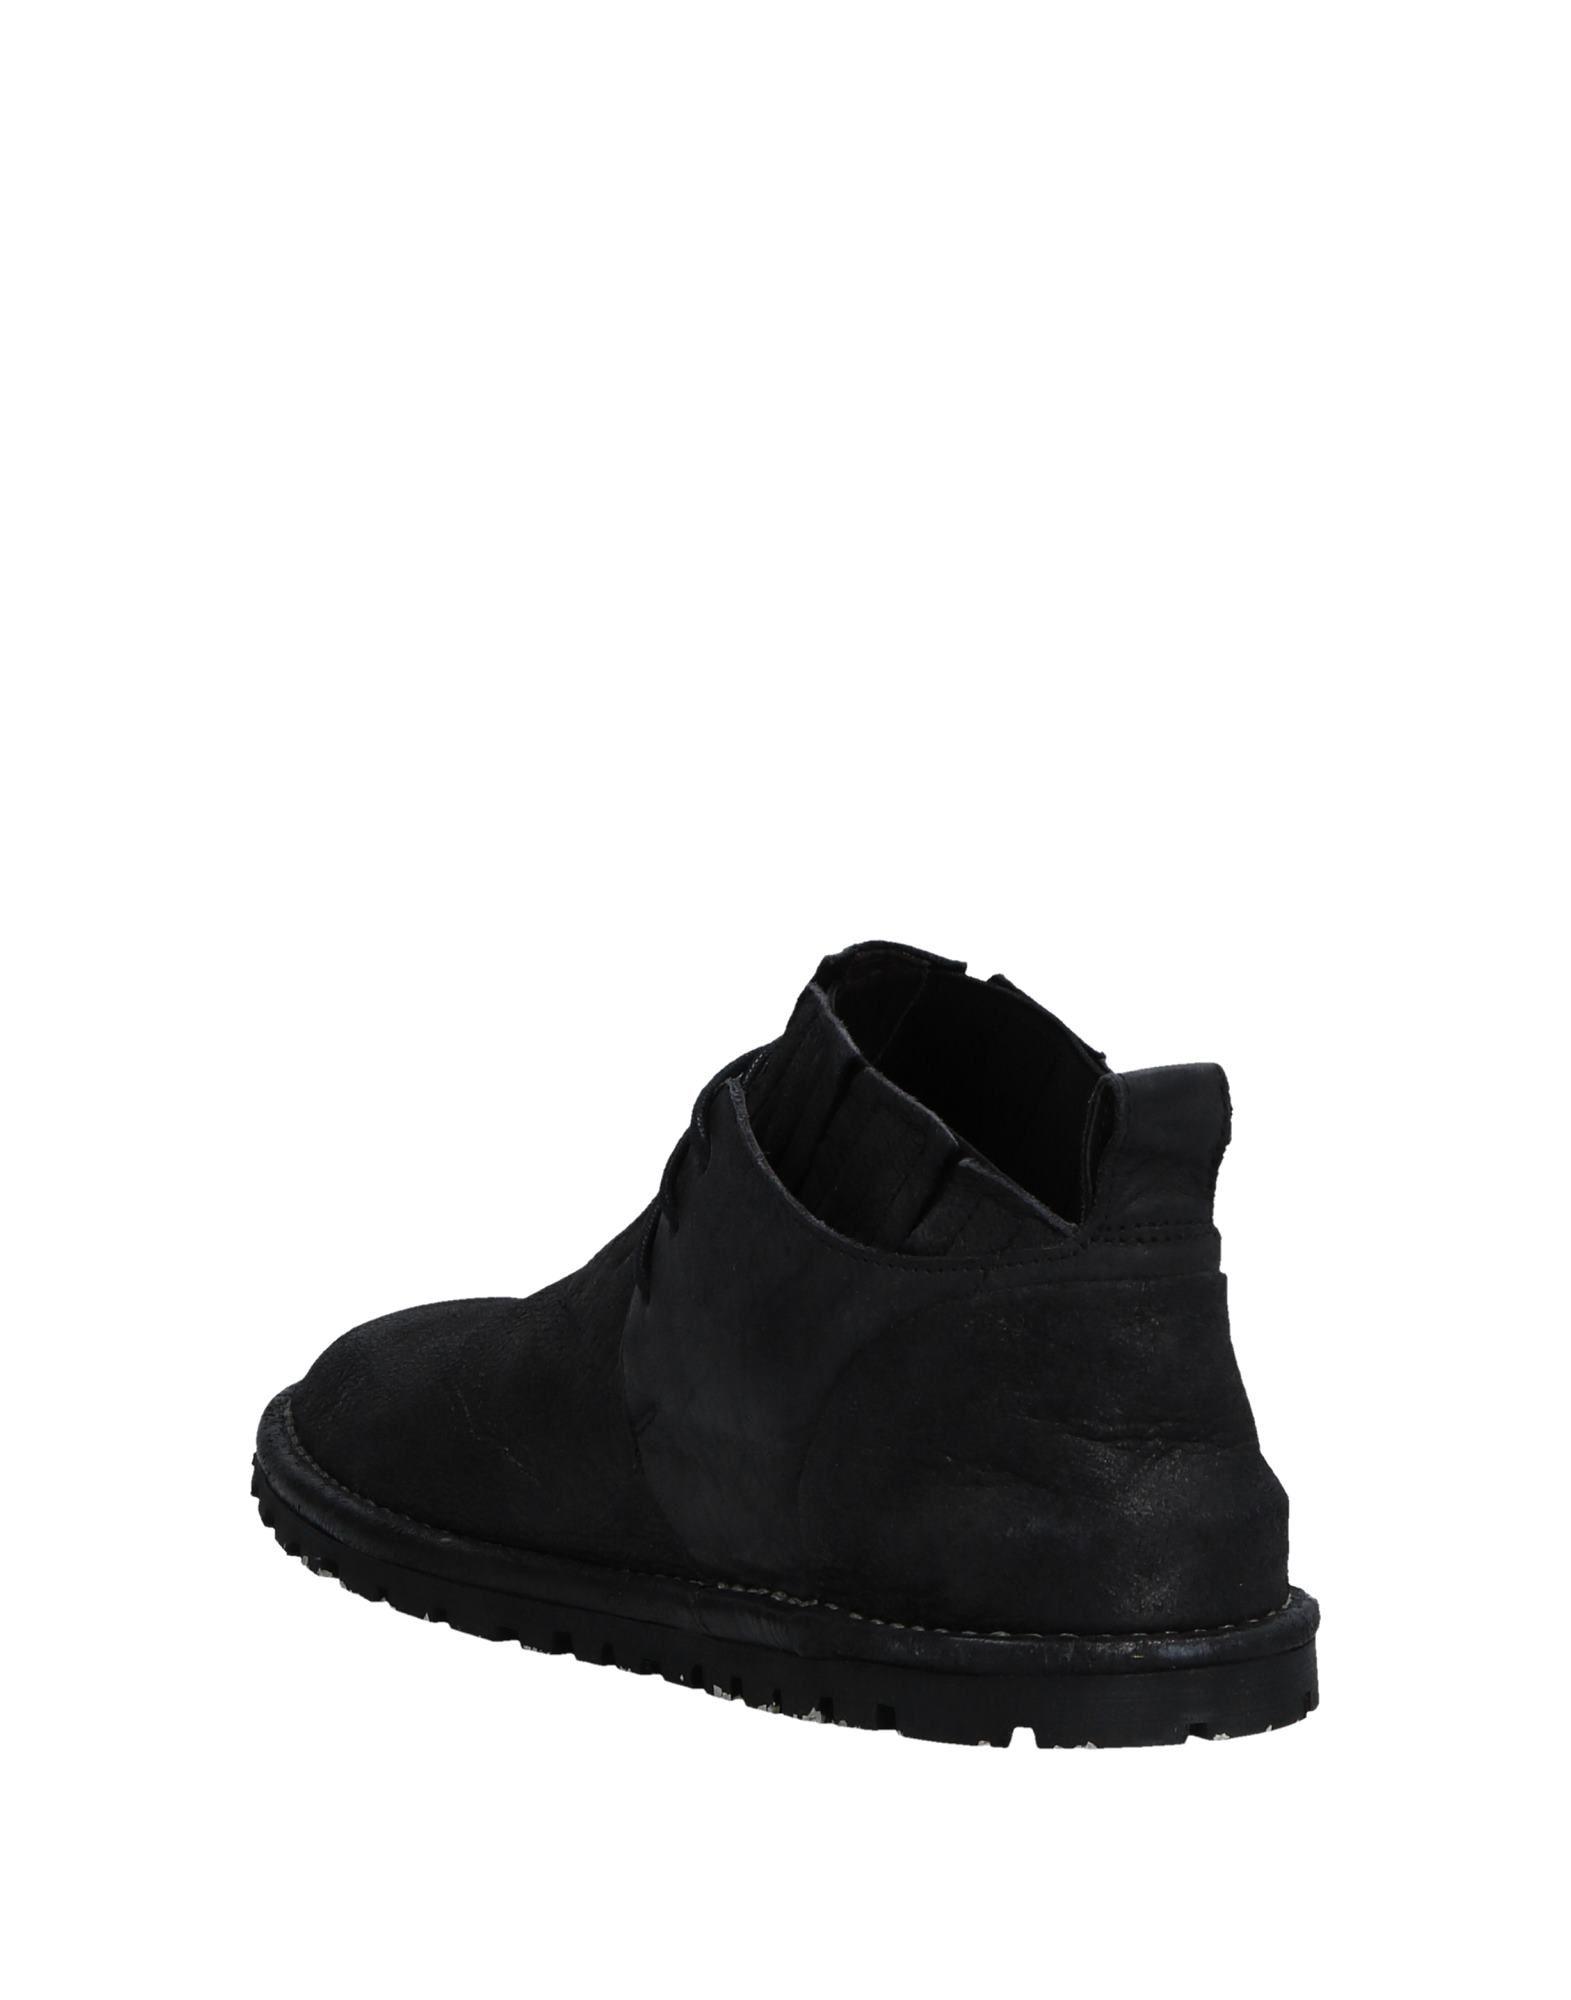 Marsèll Stiefelette Herren  11530020WR Gute Qualität beliebte Schuhe